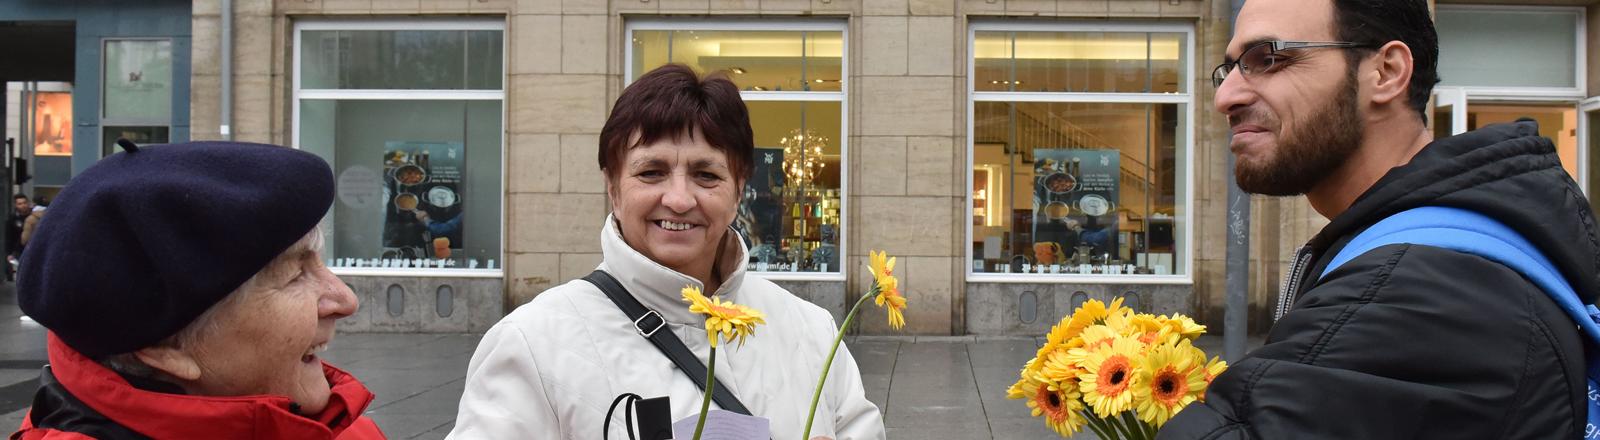 Ein junger Mann überreicht zwei älteren Damen Blumen als Dankeschön